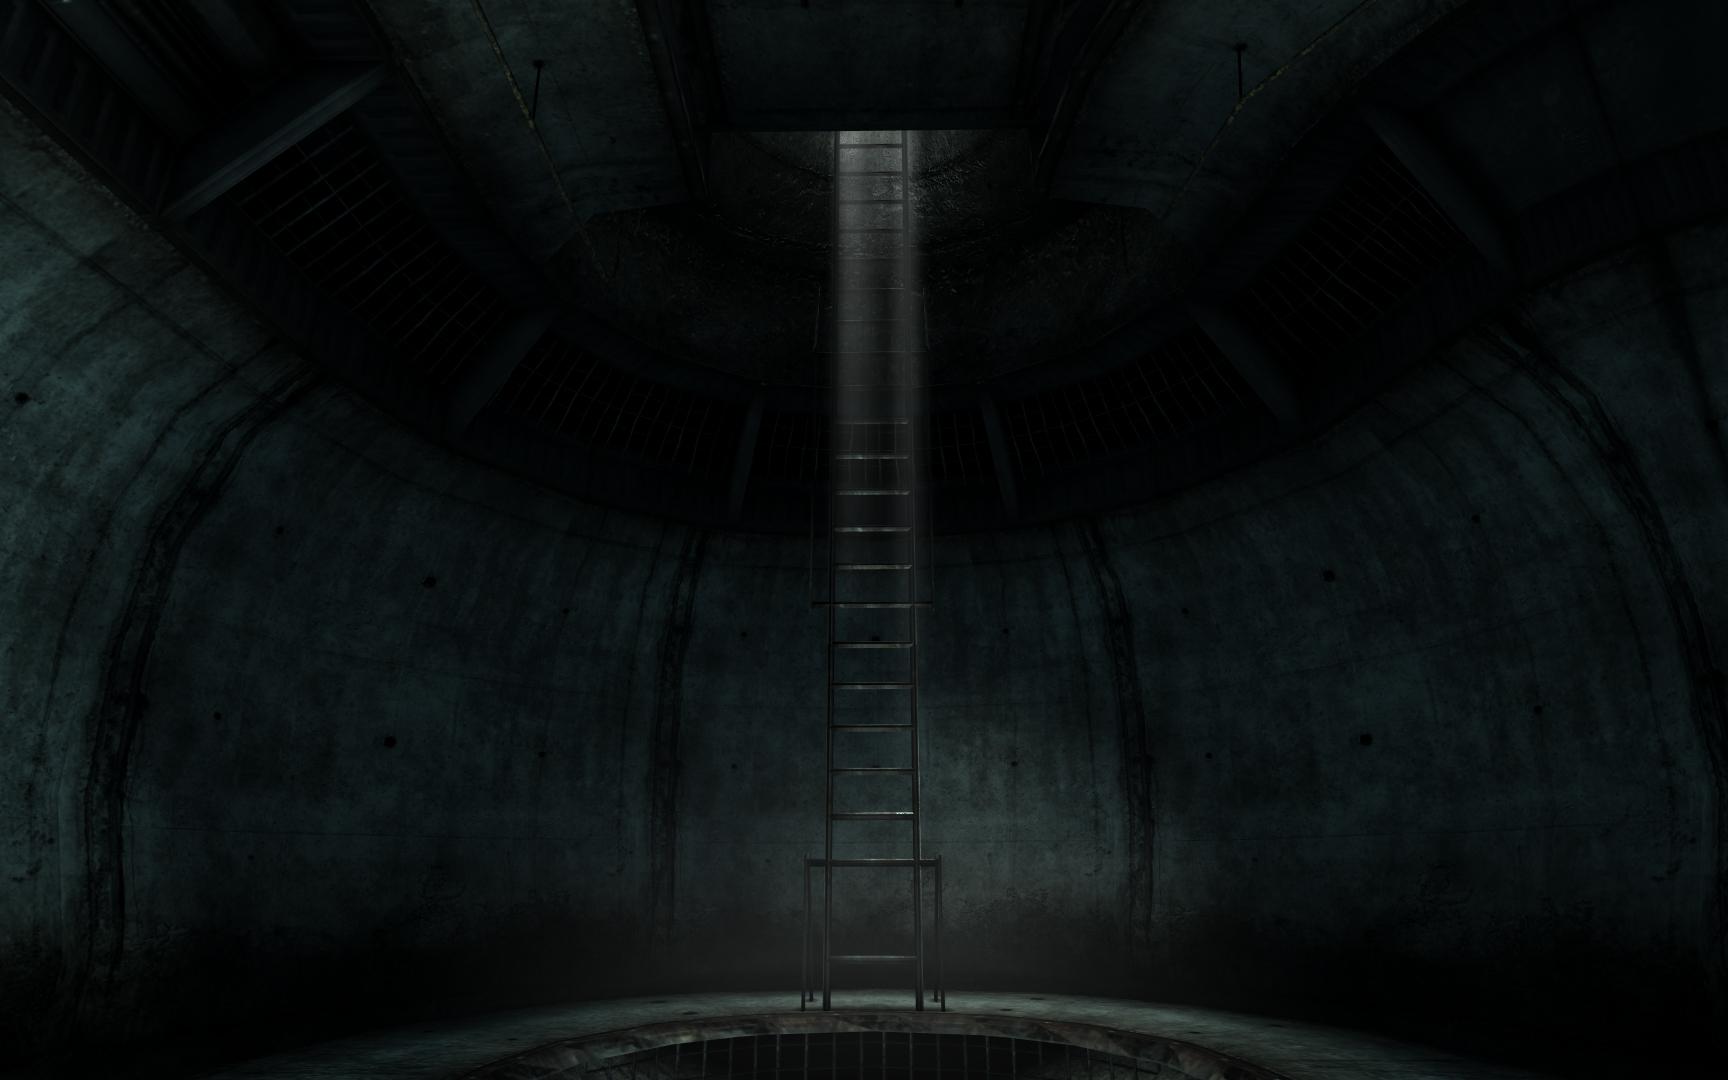 Bethesda underworks Ladder to the wasteland